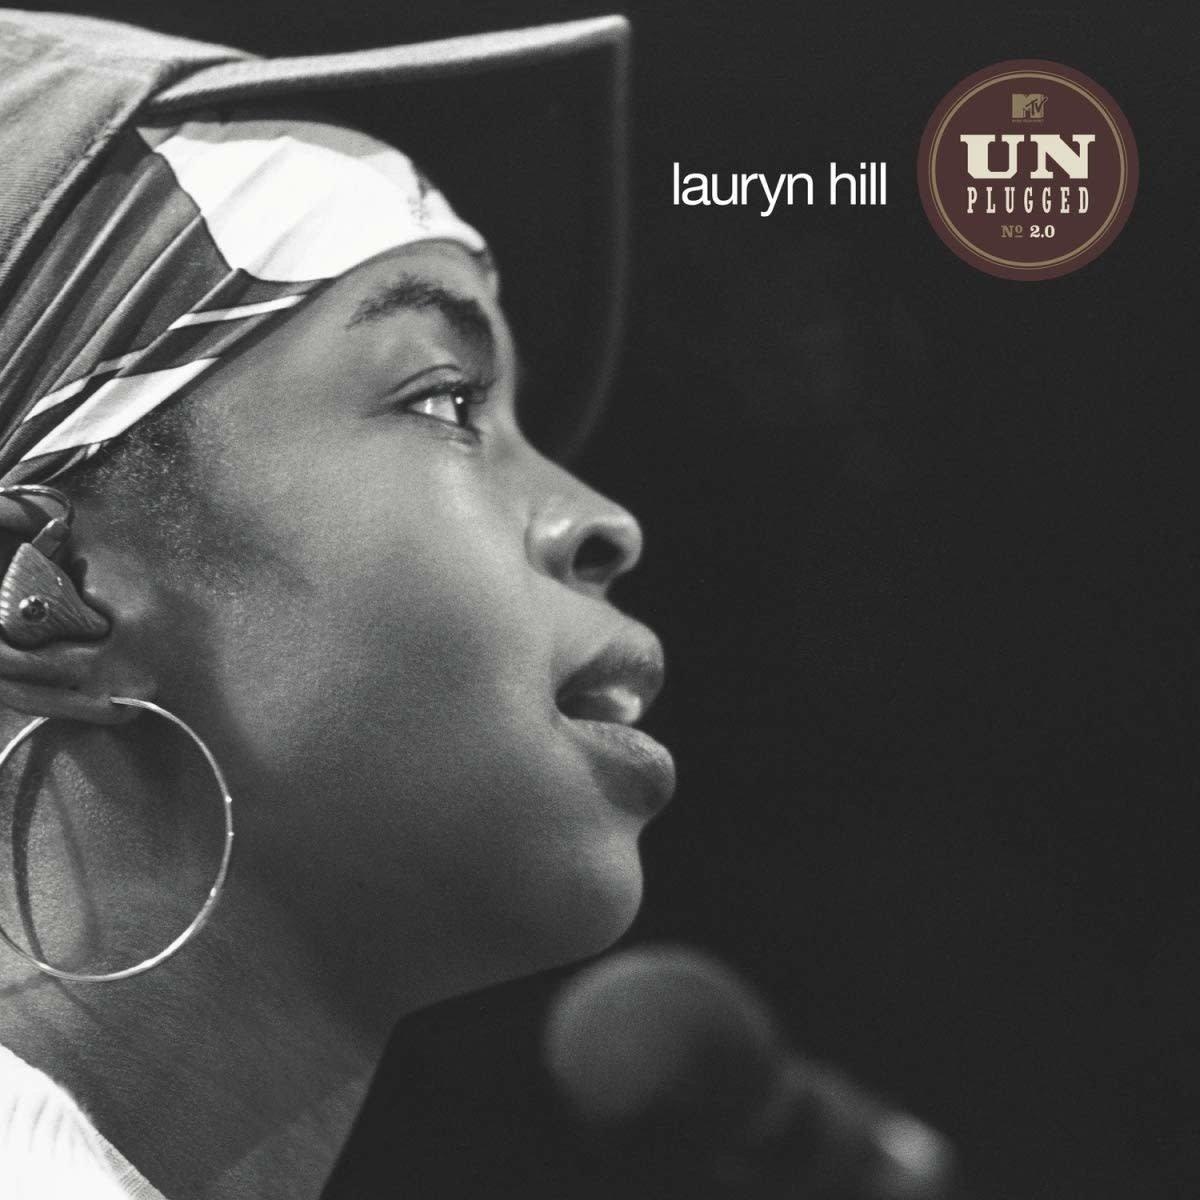 Lauryn Hill, Unplugged No. 2.0